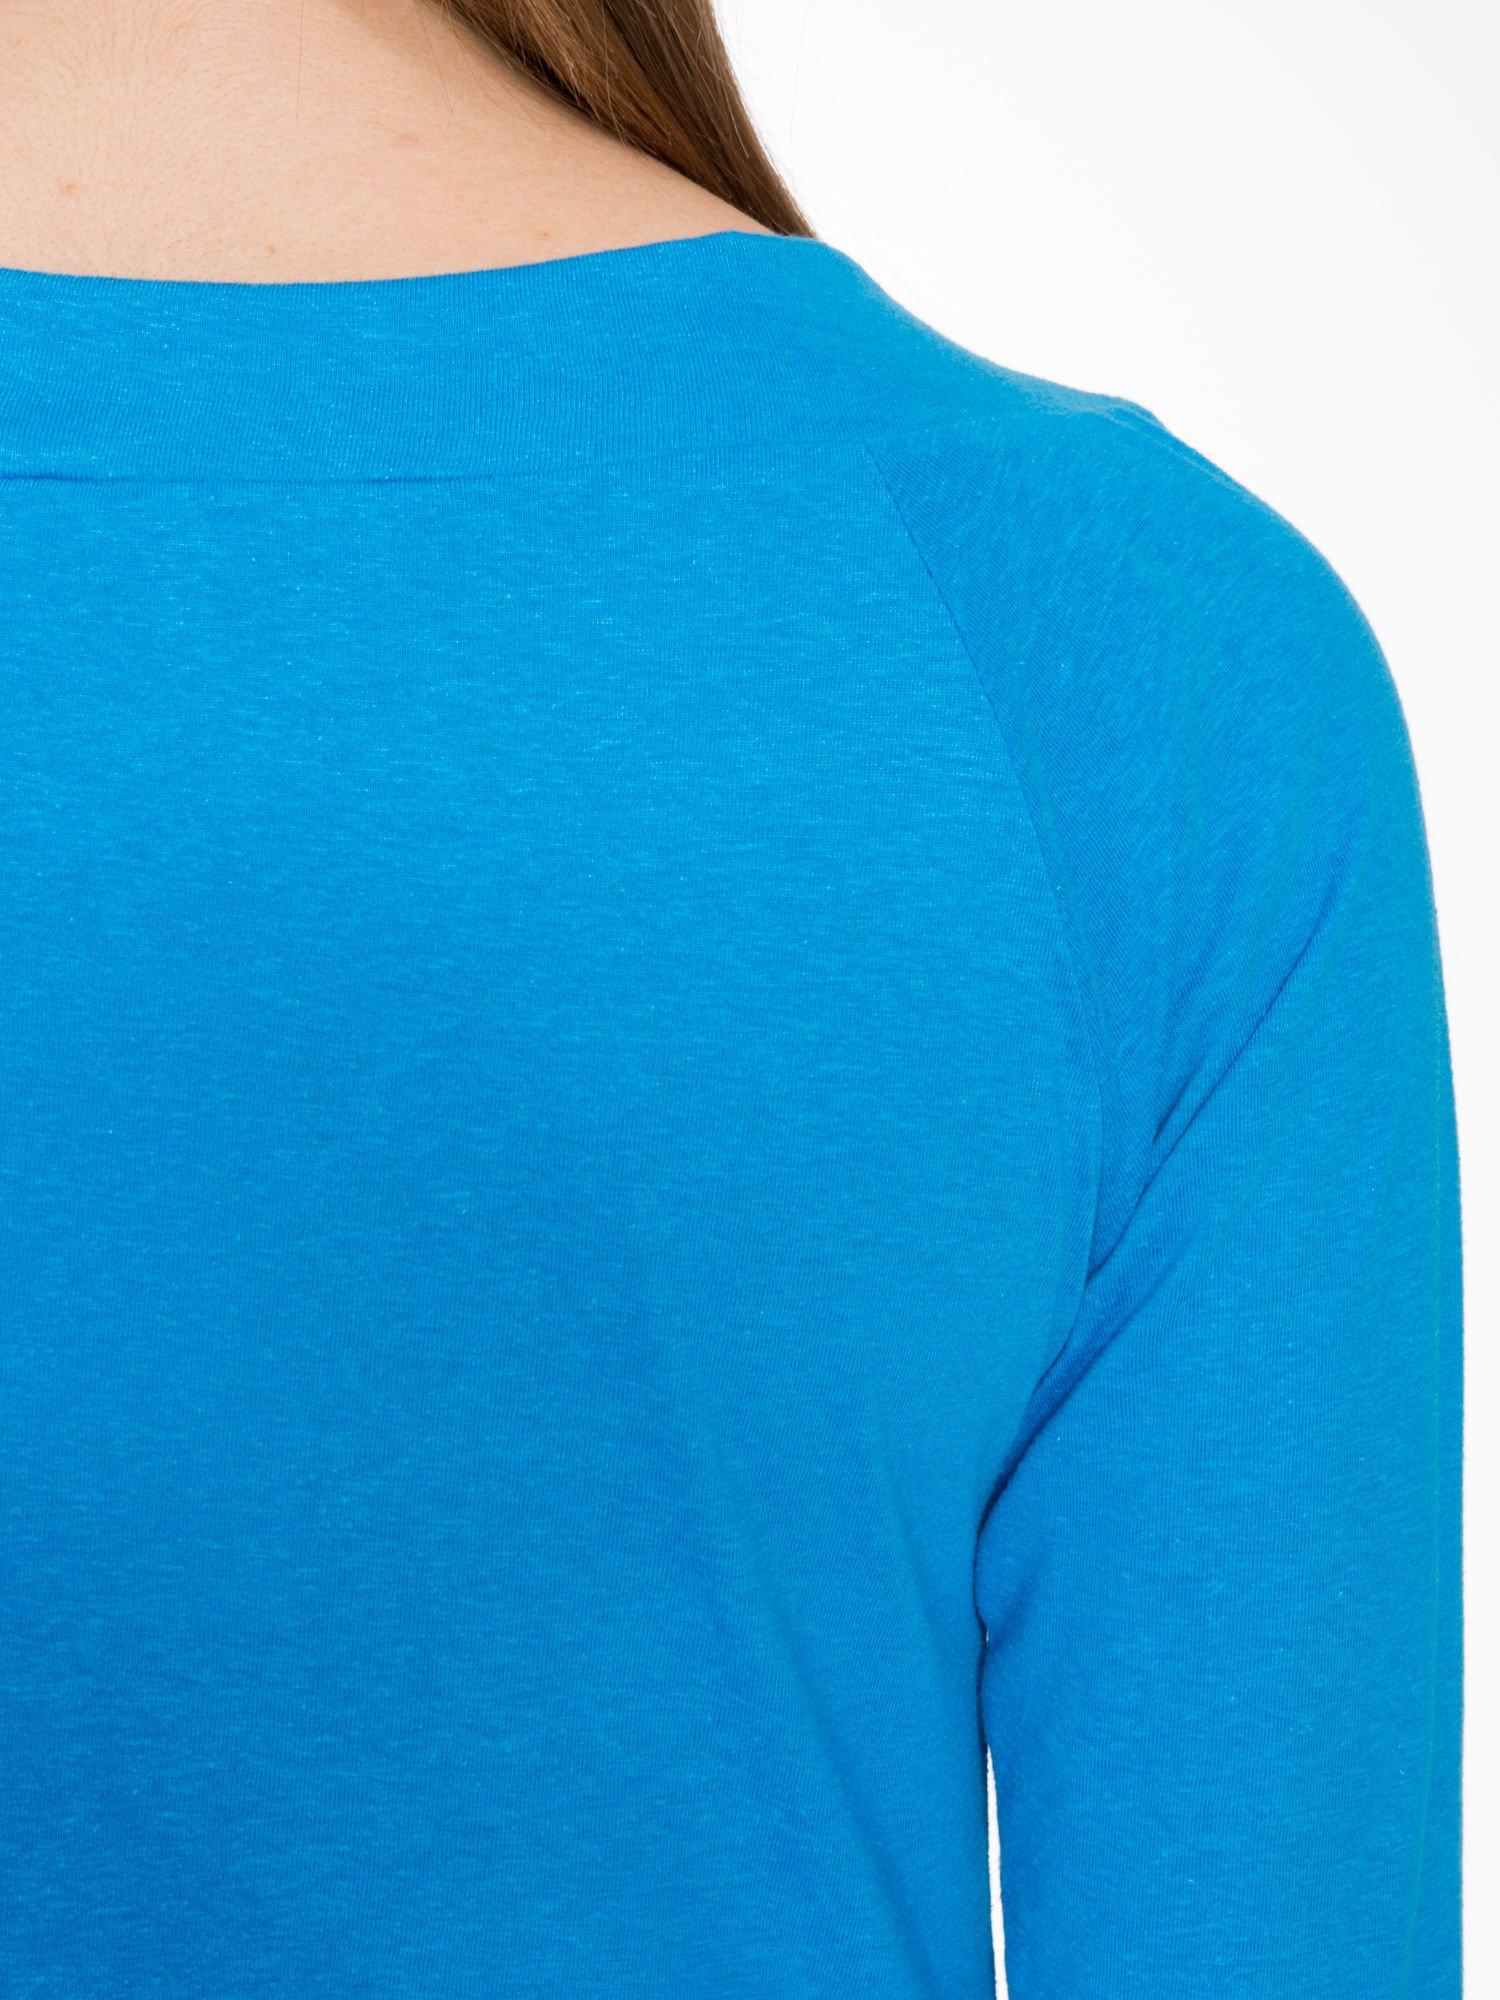 Niebieska gładka bluzka z reglanowymi rękawami                                  zdj.                                  7